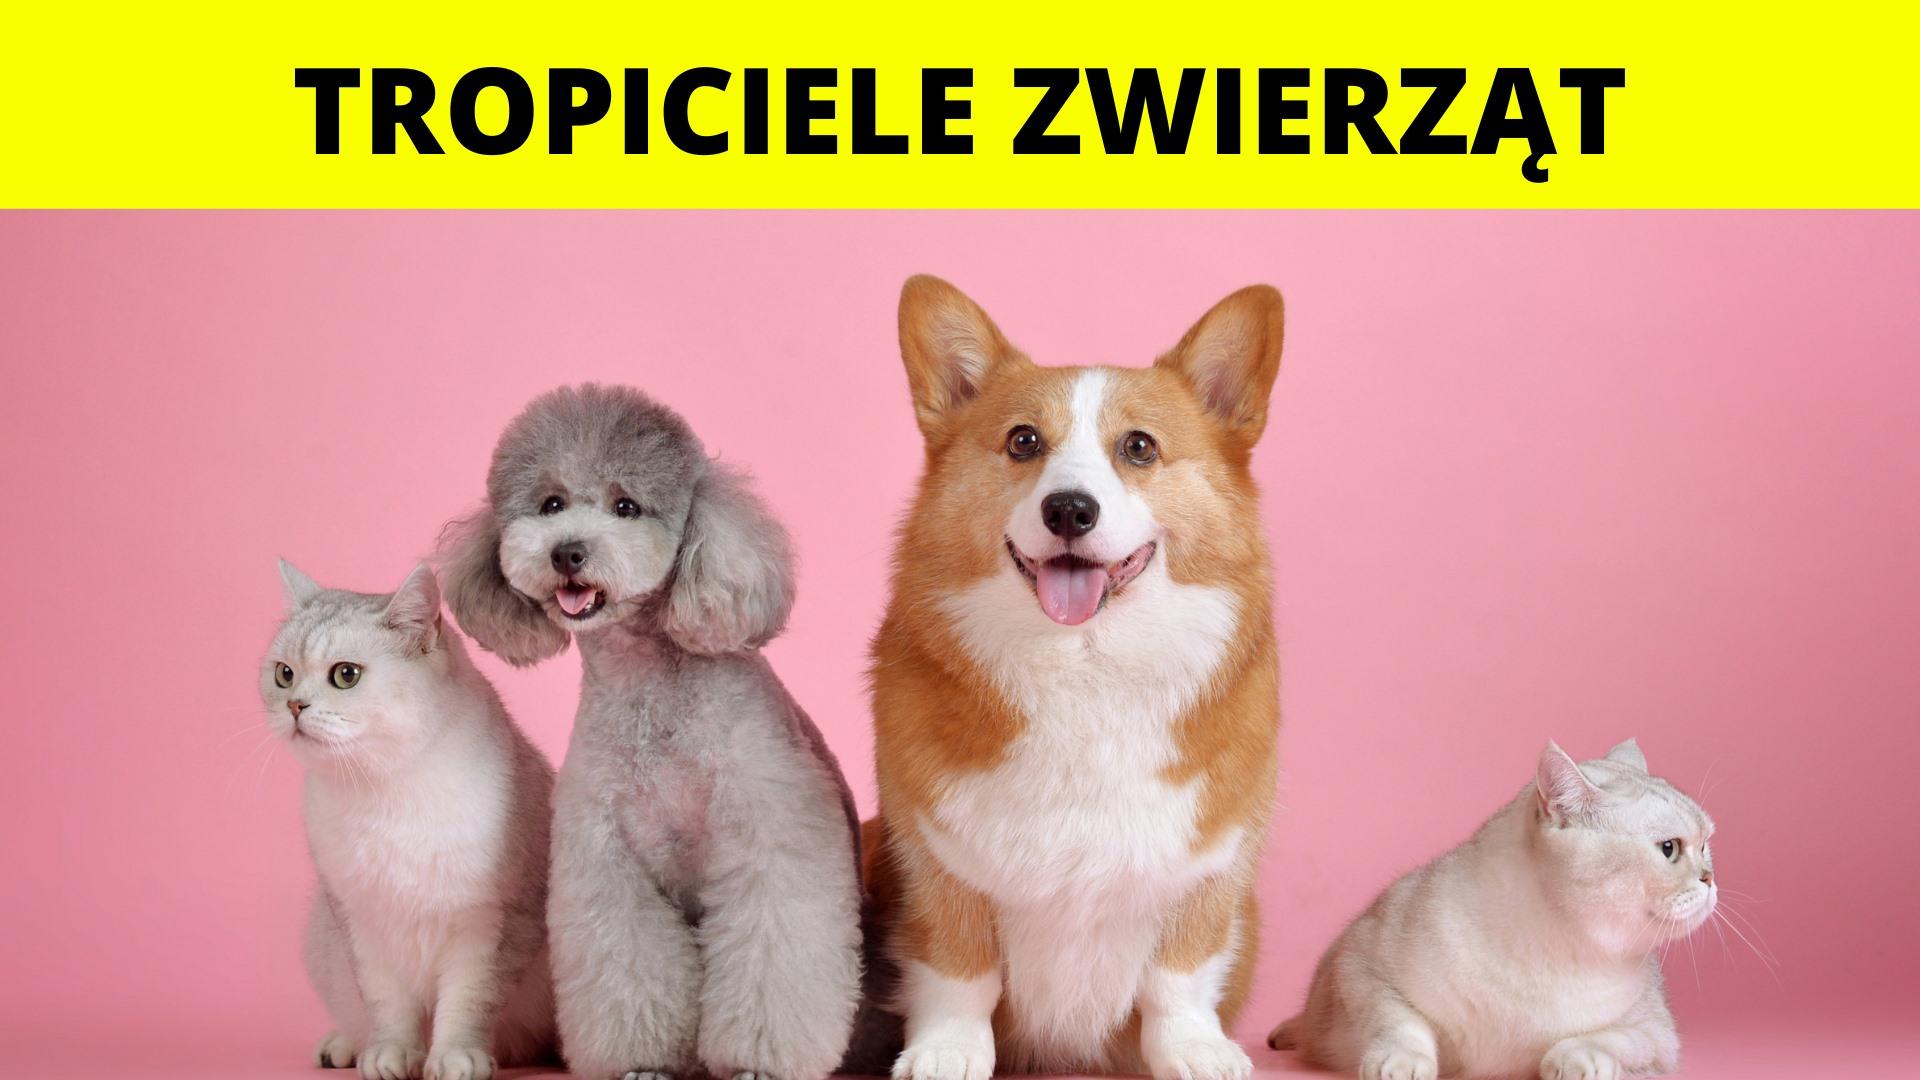 Tropiciele zwierząt! - Półkolonie 2021